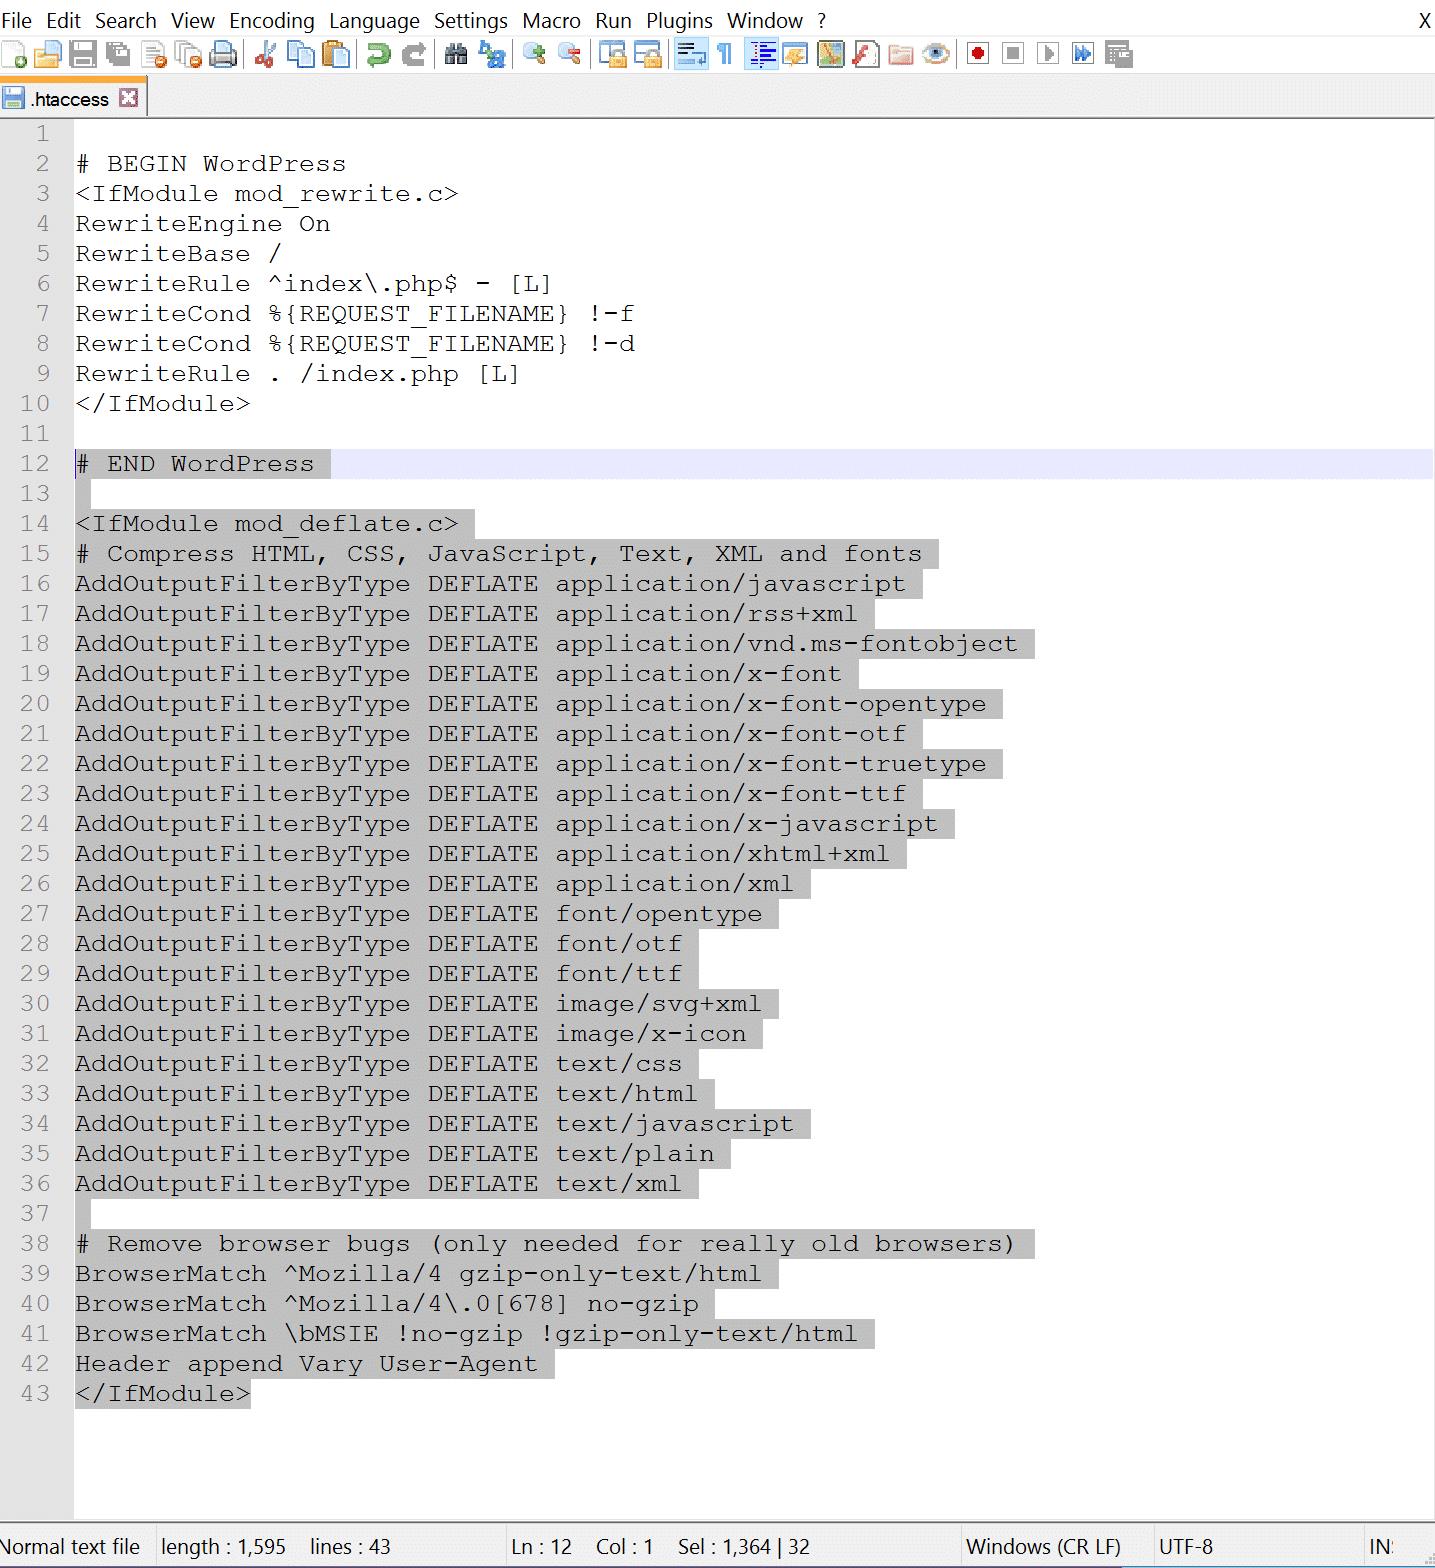 Aggiungere il codice per GZIP